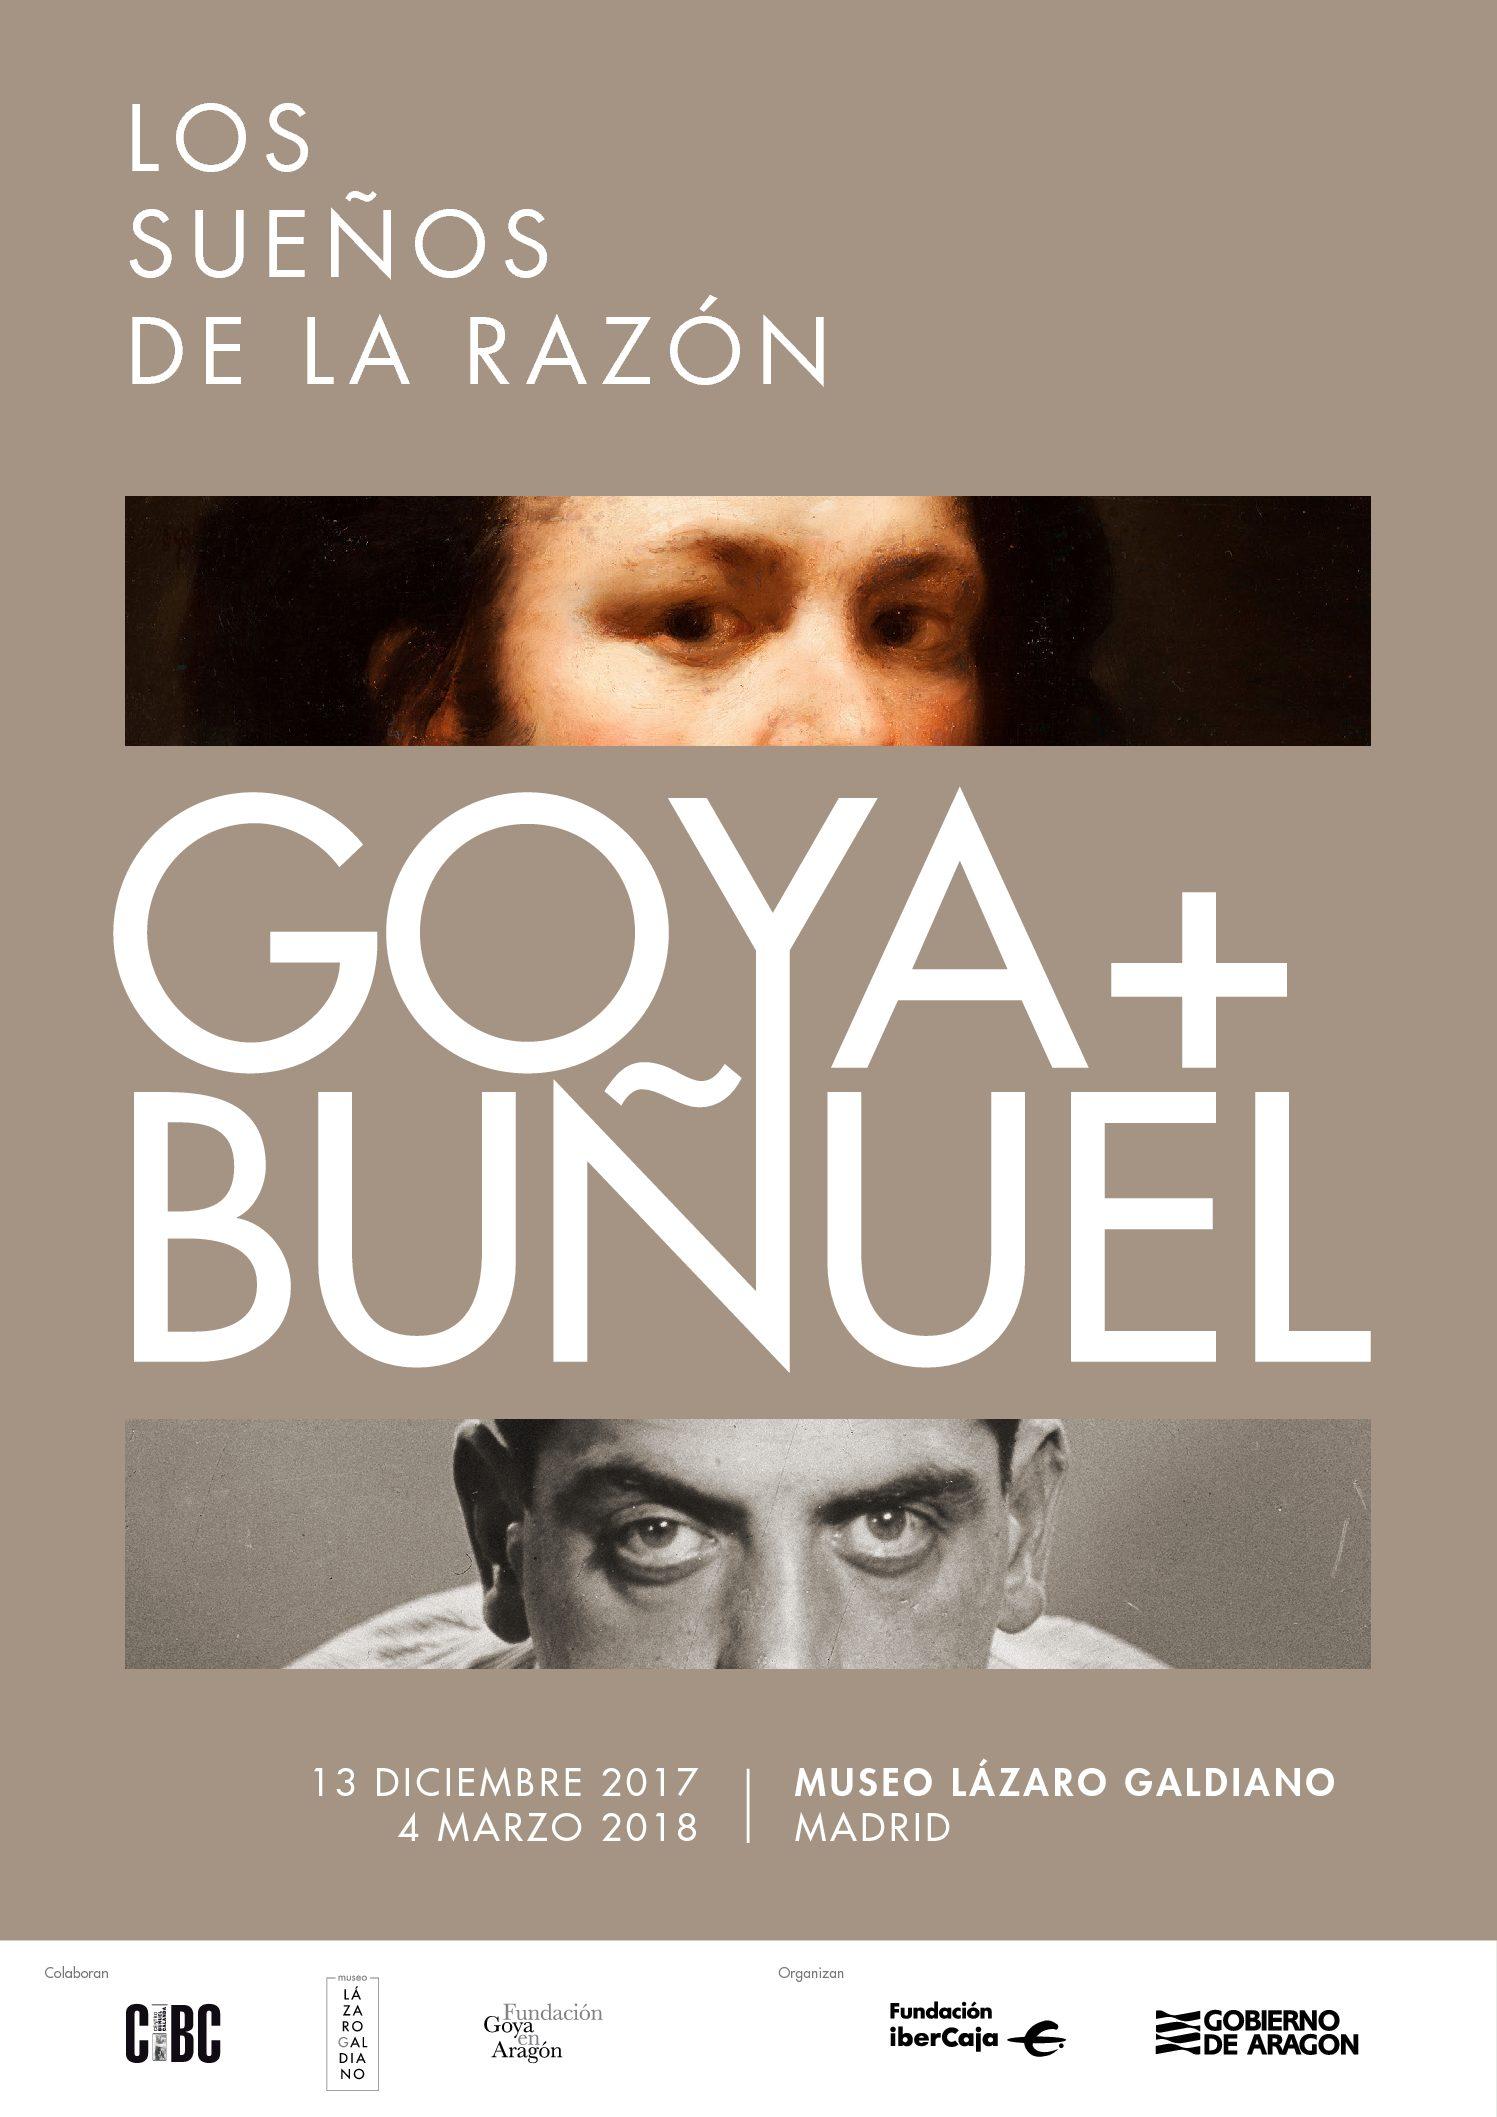 Goya y Buñuel, un homenaje a dos aragoneses universales